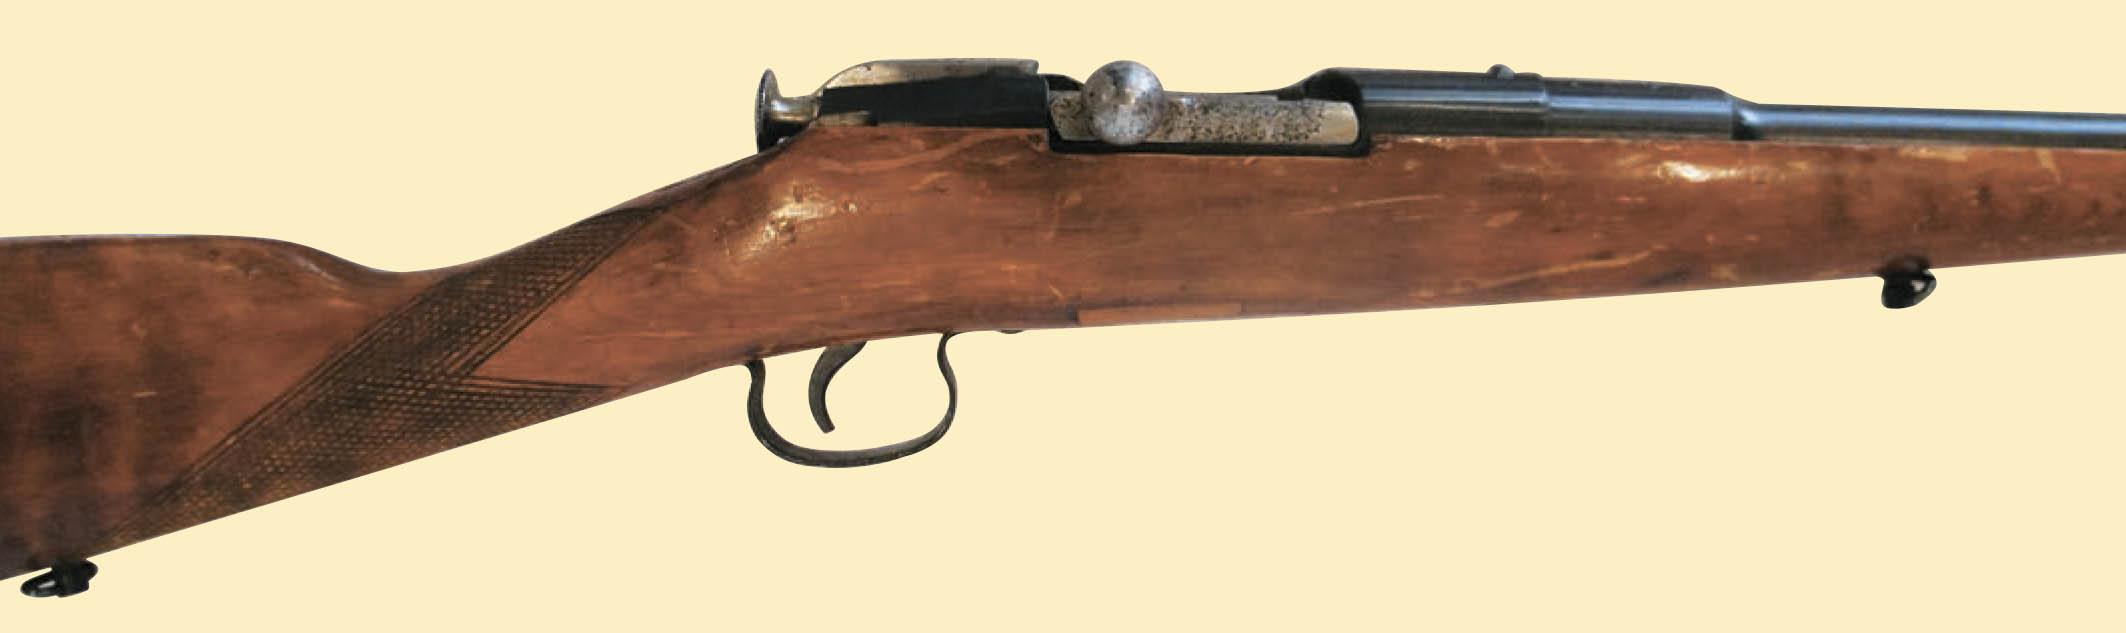 Ствольная коробка ружья Р-32